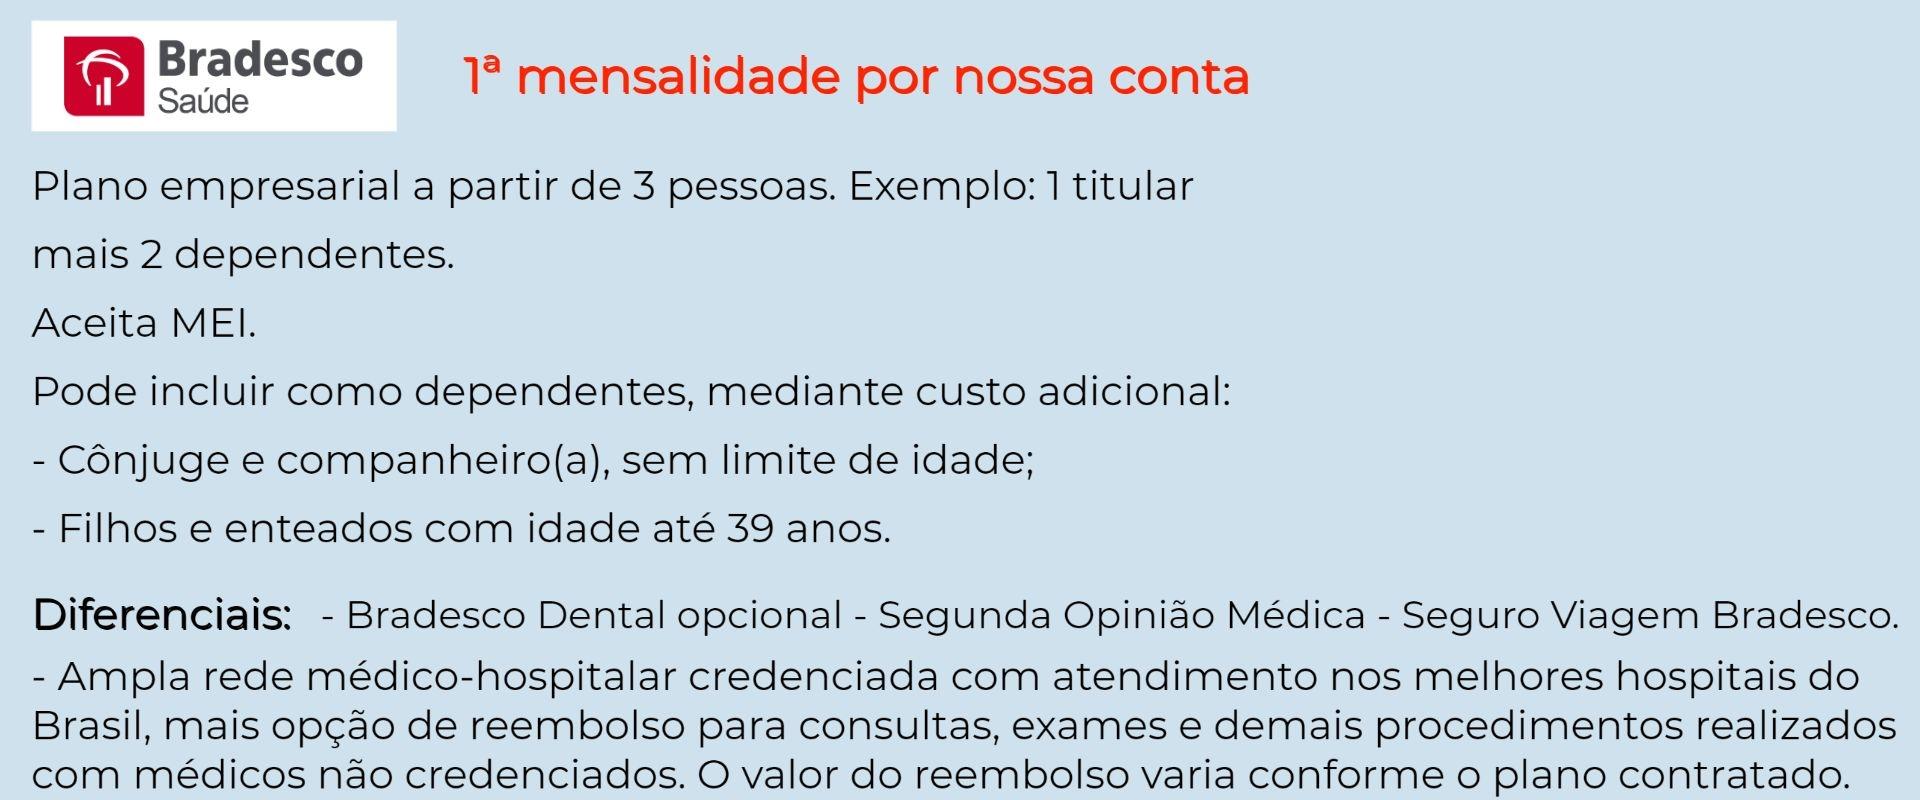 Bradesco Saúde Empresarial - Bebedouro